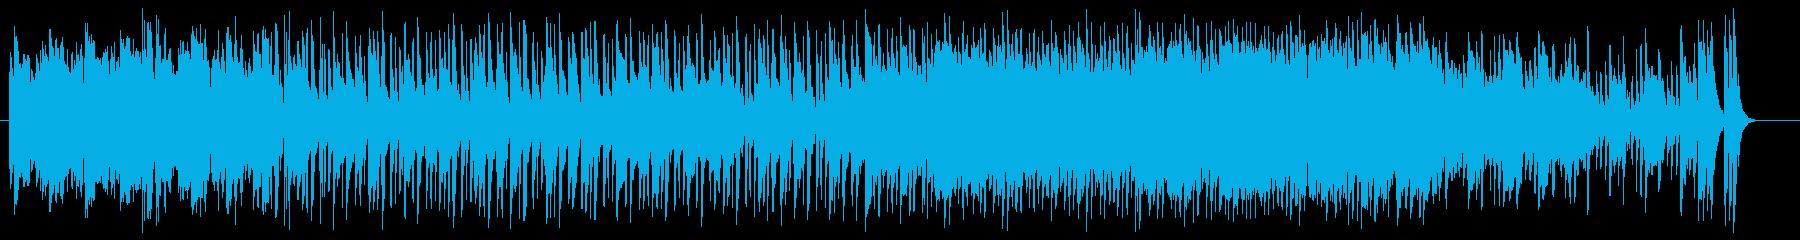 シンセサイザーによるボサノバの再生済みの波形